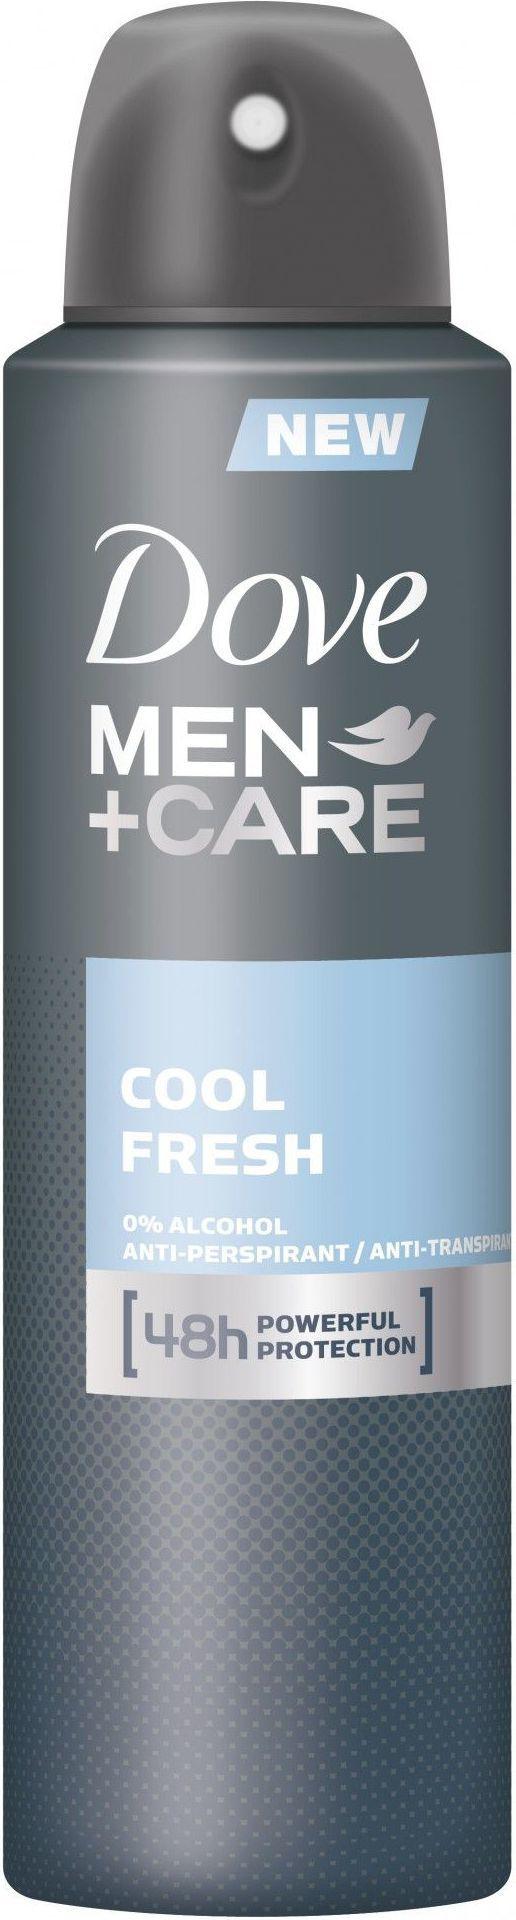 Dove  Men Care Cool Fresh Dezodorant spray 150 ml 1